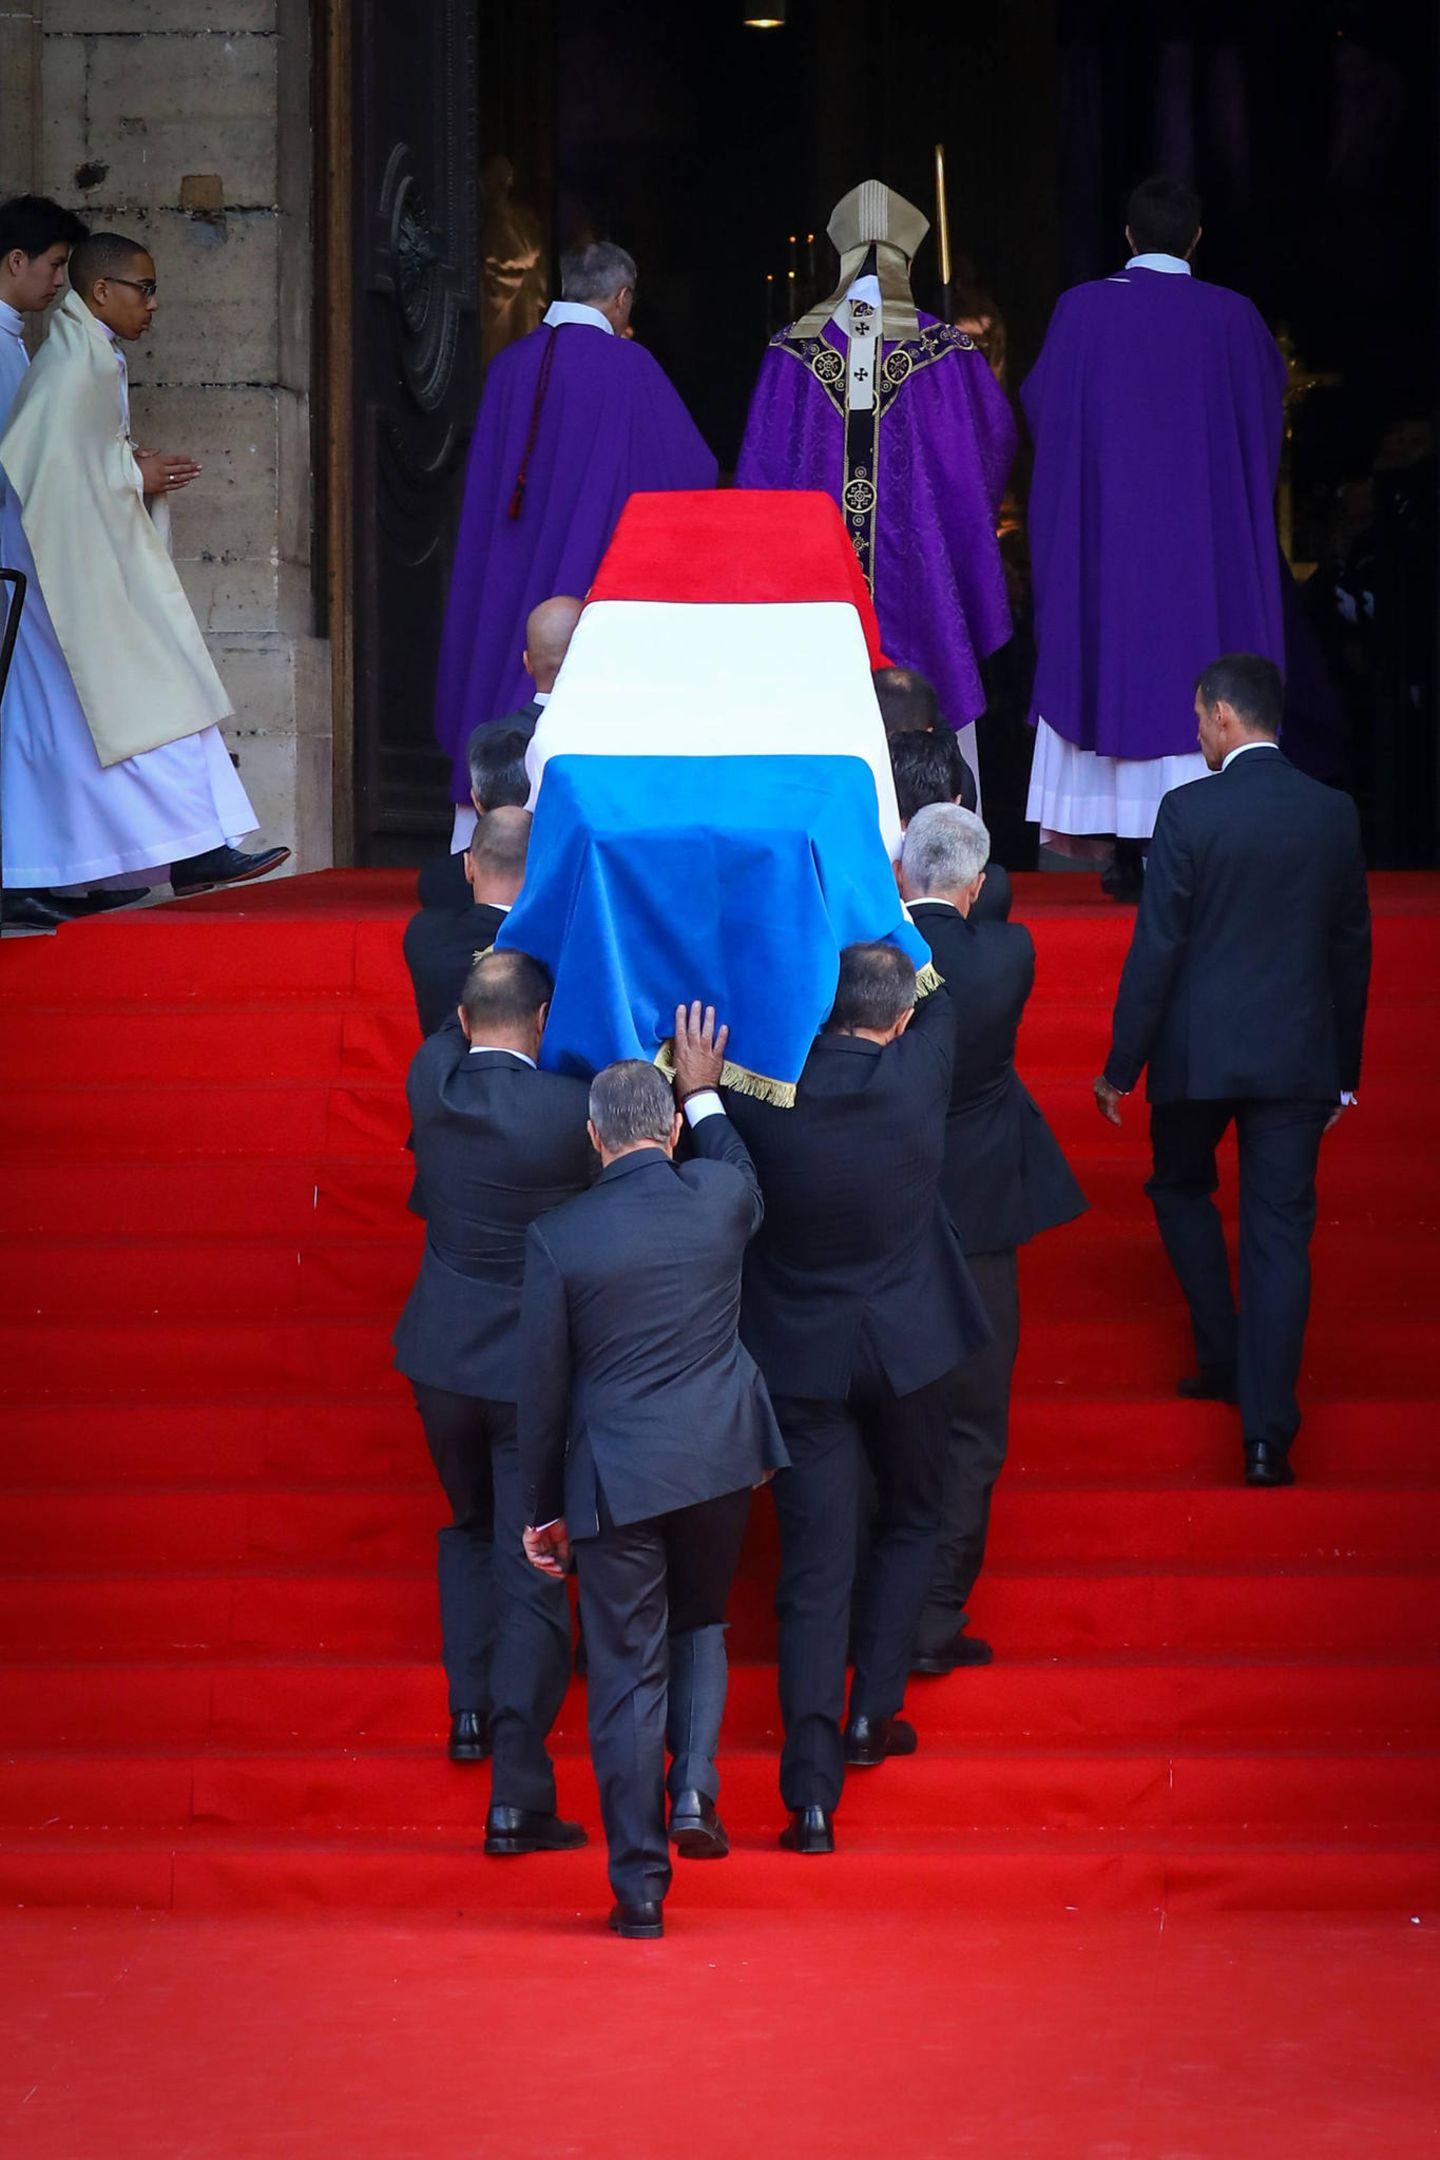 Der mit einer französischen Flagge umhüllte Sarg wird in die Pariser Kathedrale Saint-Sulpice getragen.